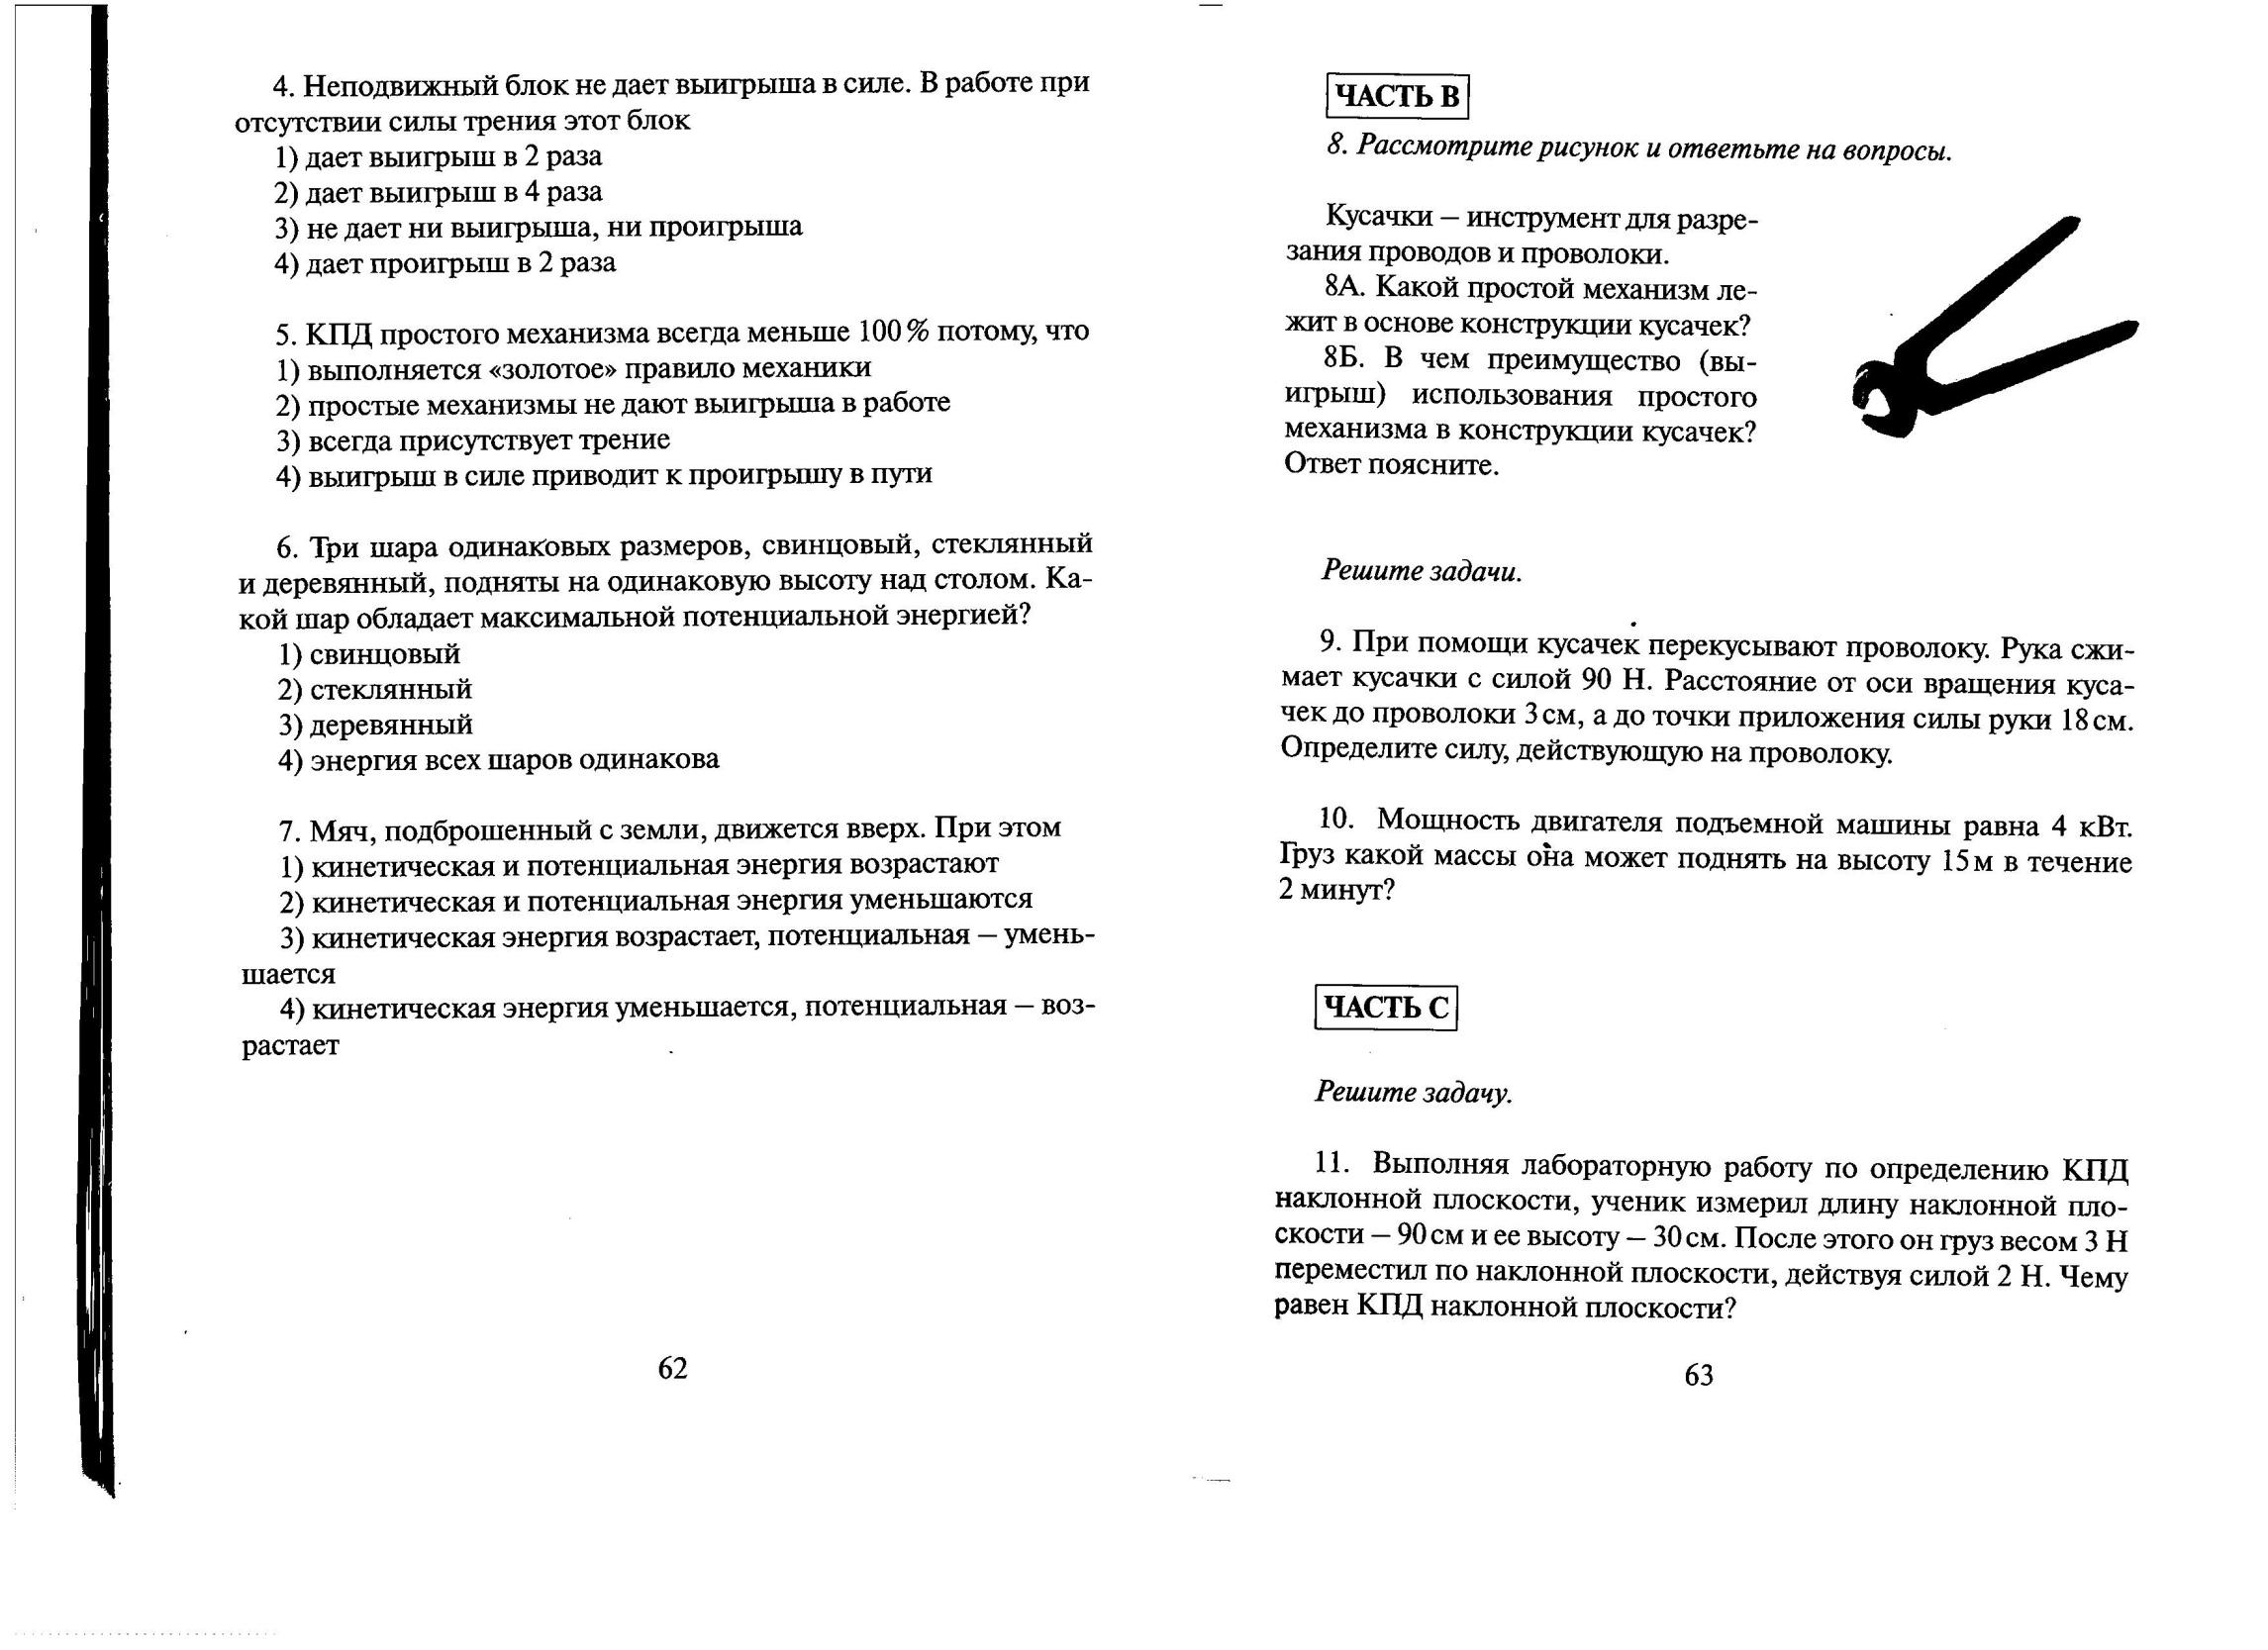 Гдз По Физике 7 Класс Перышкин Дрофа 2005